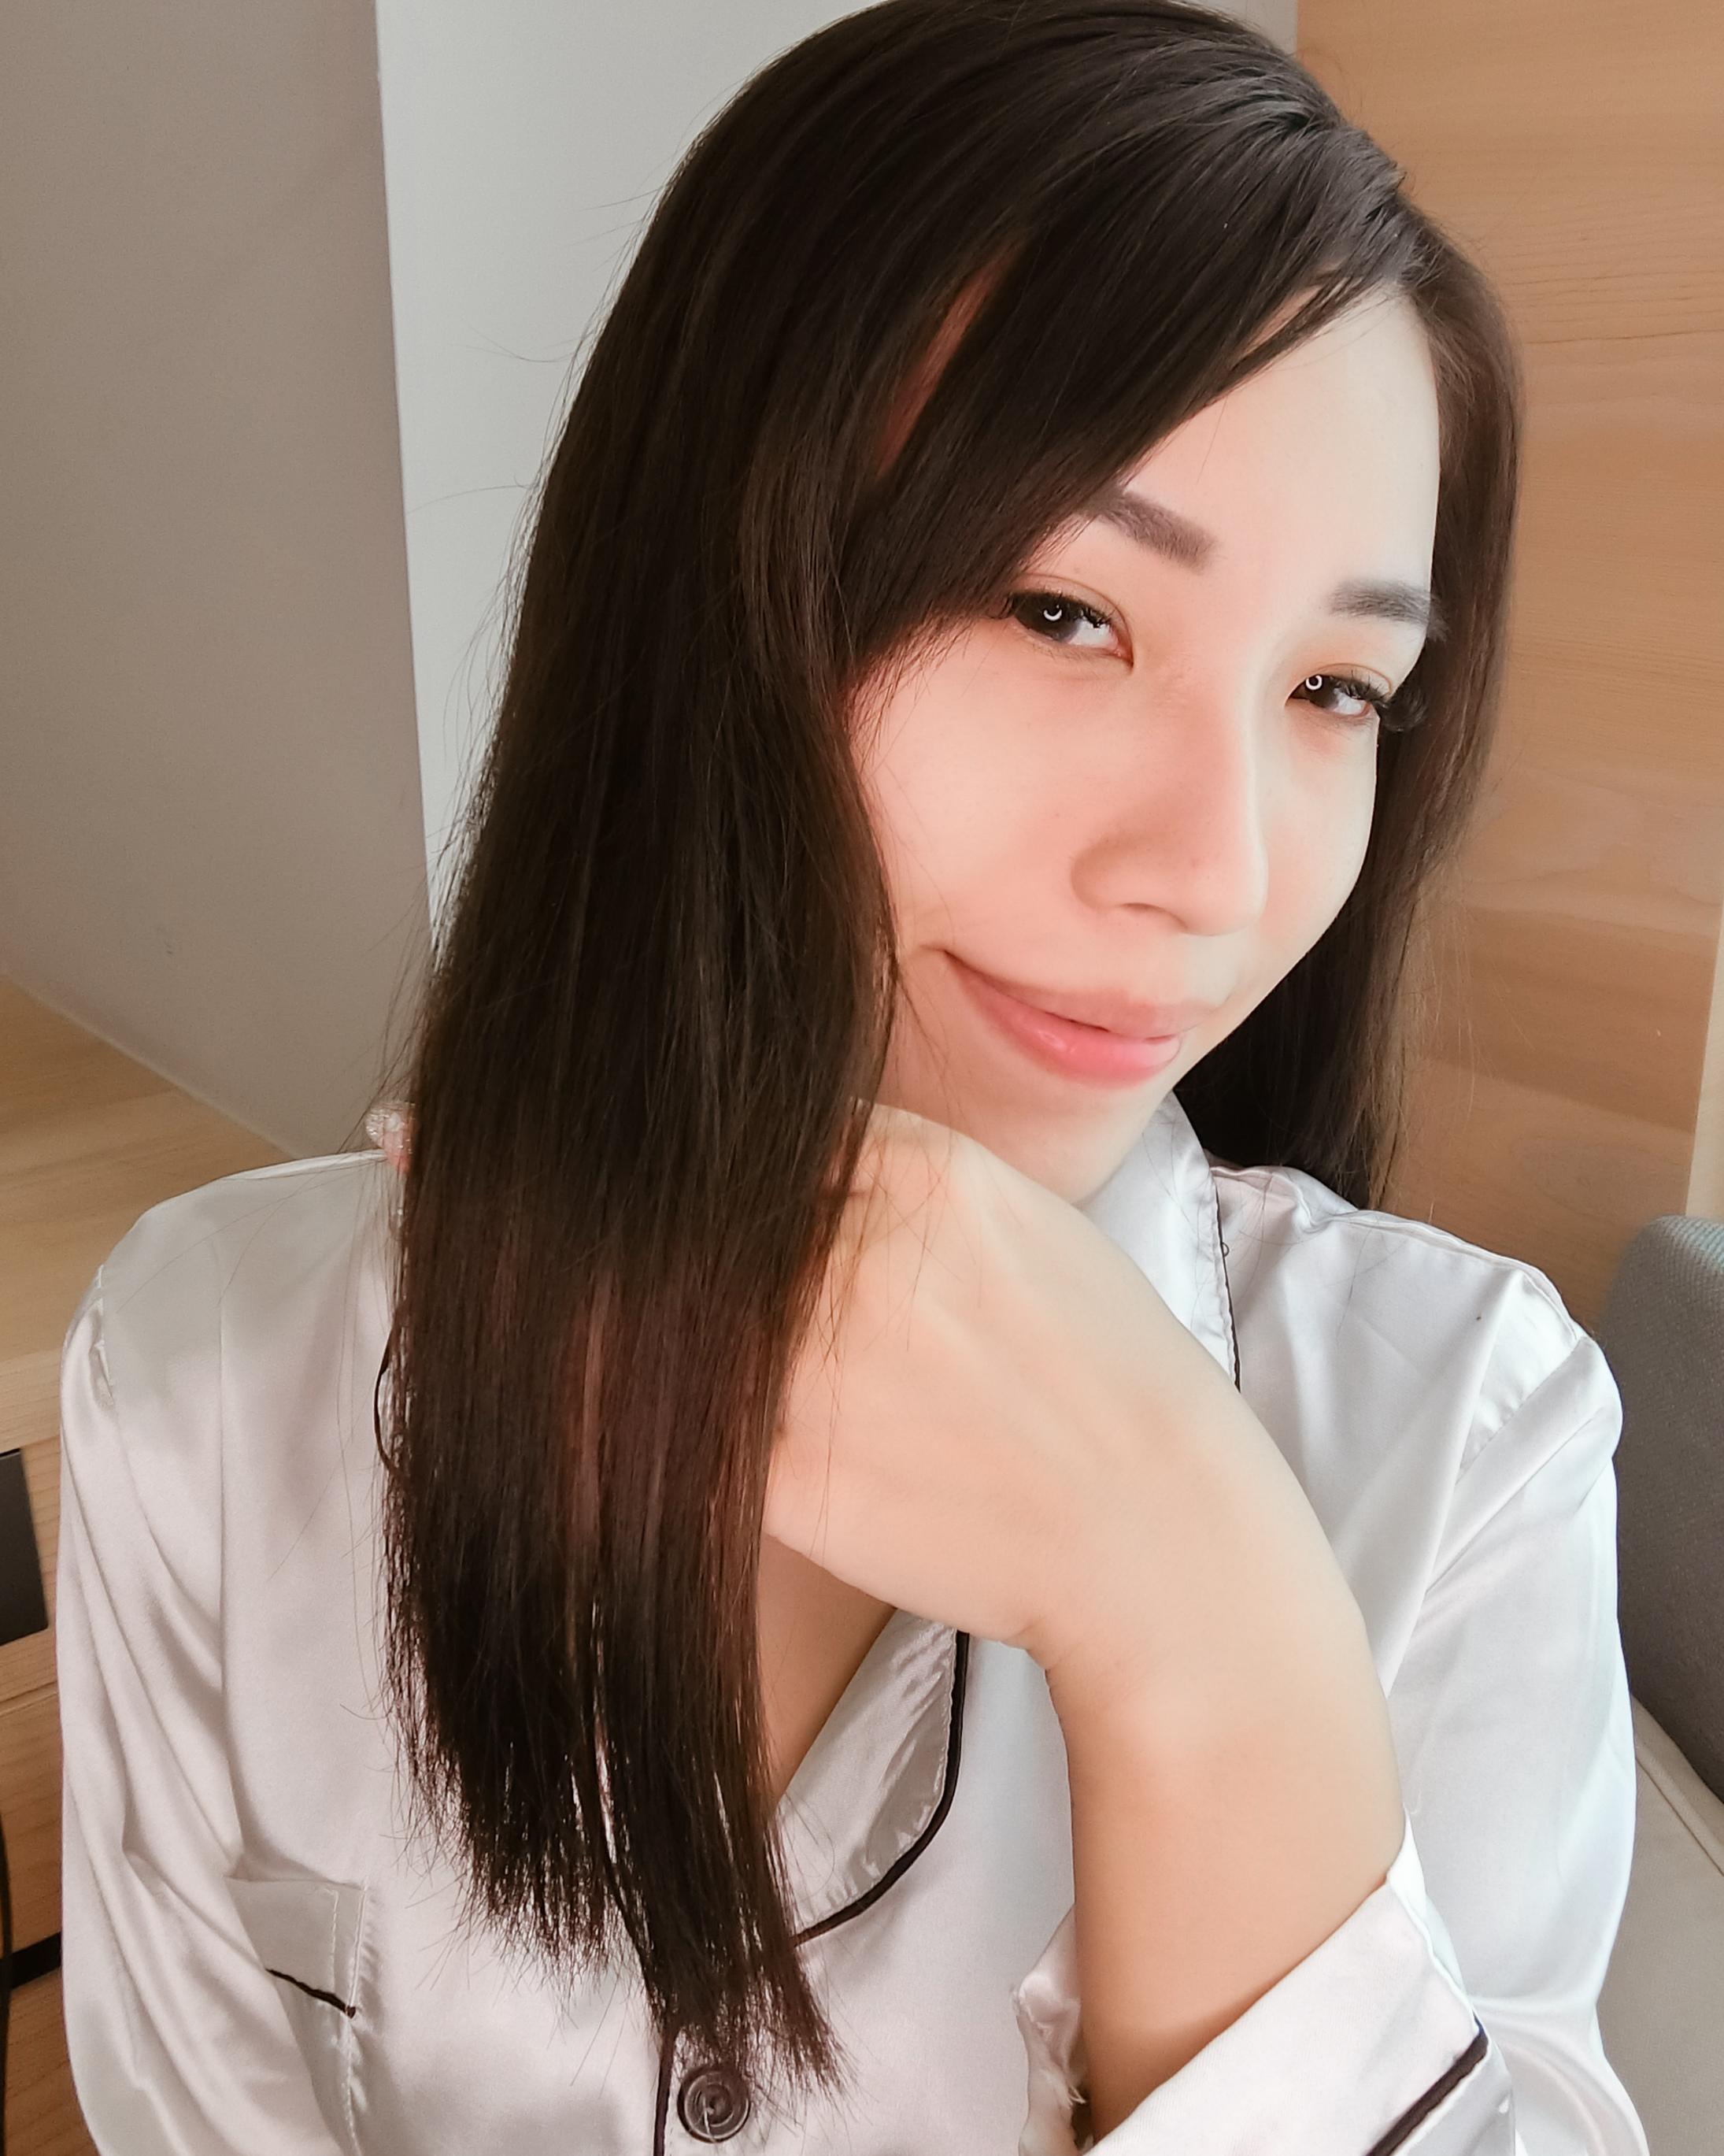 髮況皇后 LIKEY 萊客 洗髮精 護髮膜 精華露 打造輕柔秀髮三步驟18.JPG